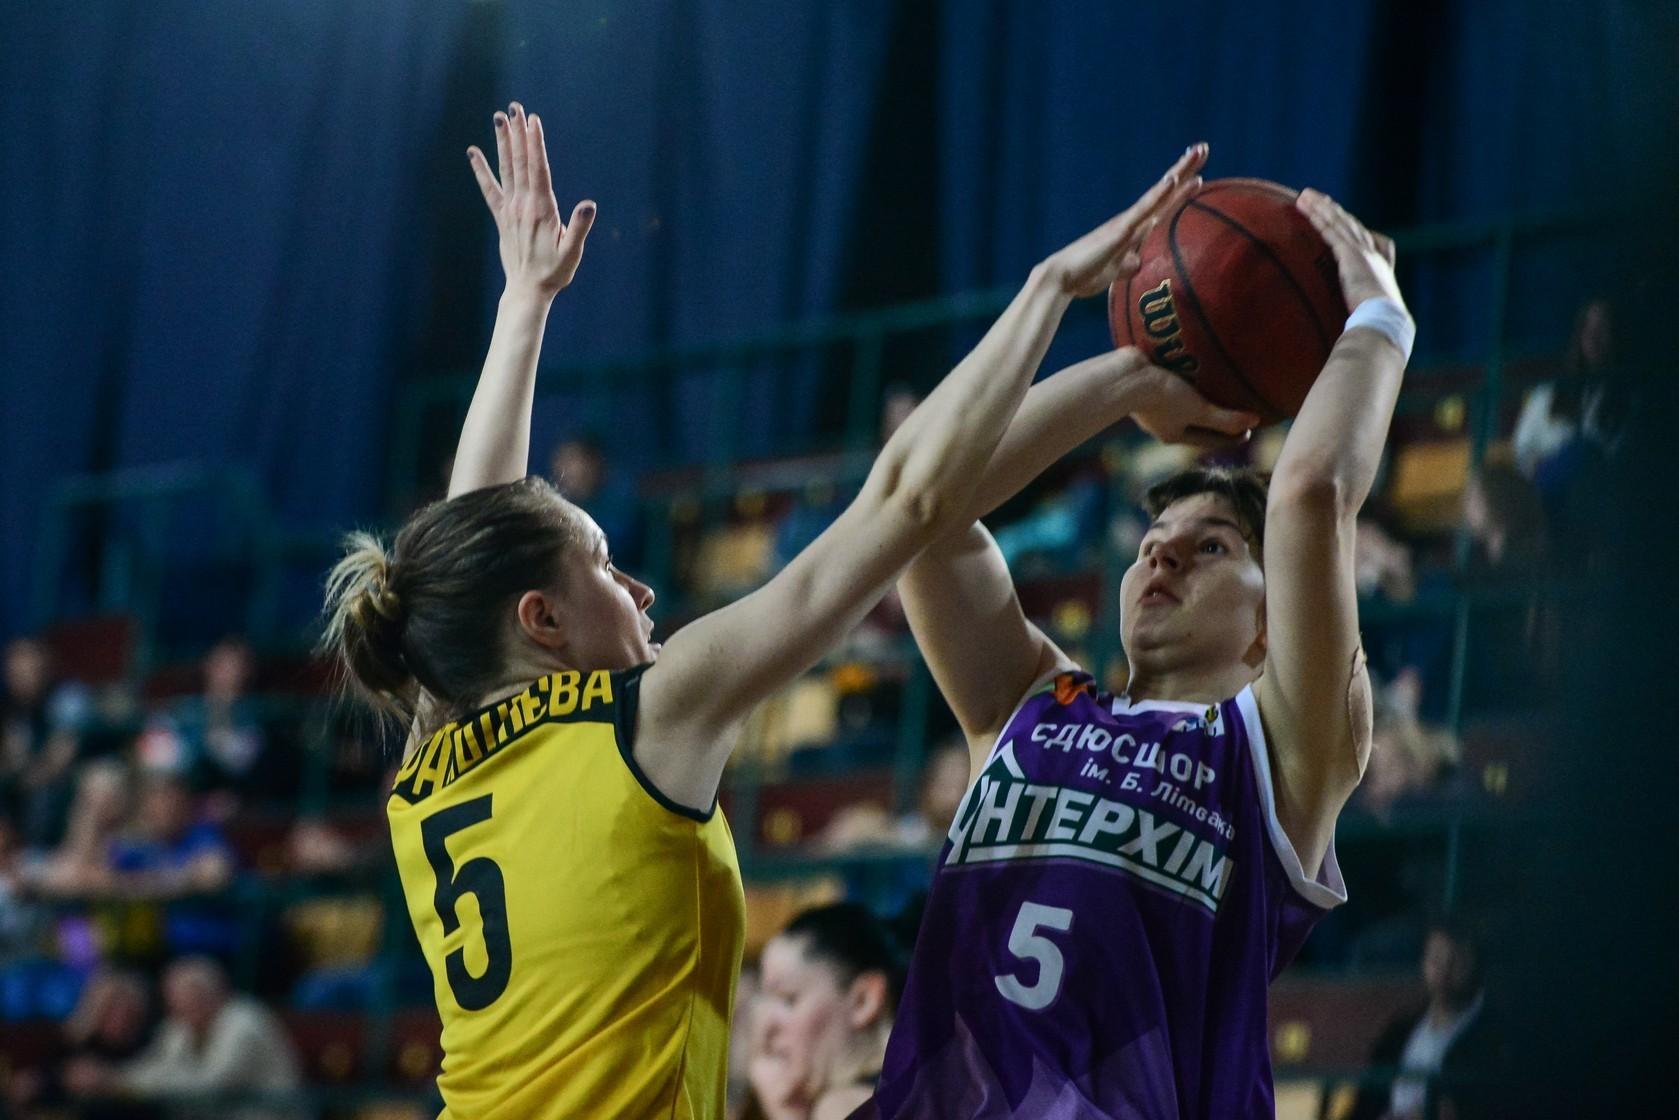 Жіноча Суперліга: Київ-Баскет переміг в Одесі ІнтерХім-СДЮСШОР